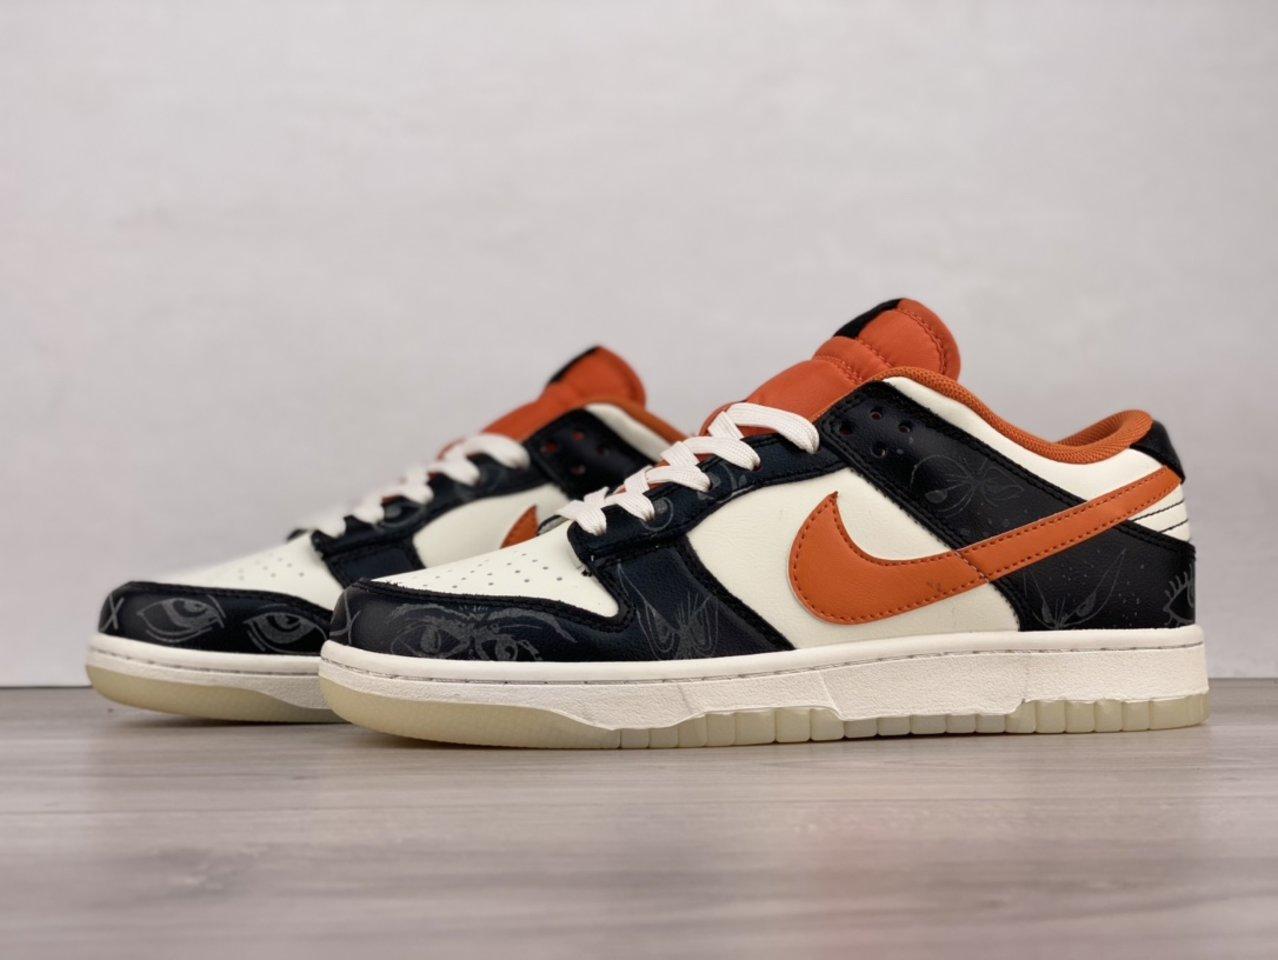 2021 Nike Dunk Low PRM Halloween Skateboard Shoes DD3357-100 Outside